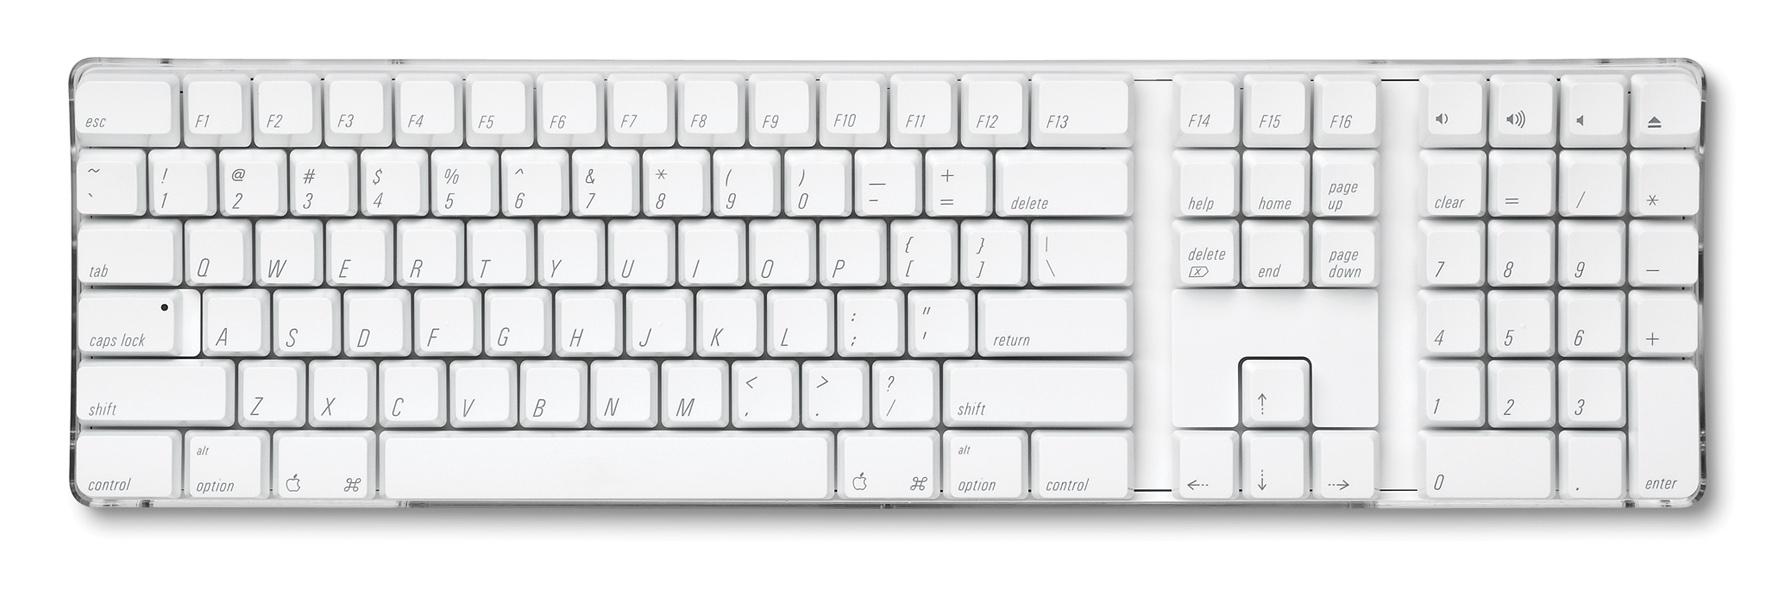 apple-bt-keyboard.jpg